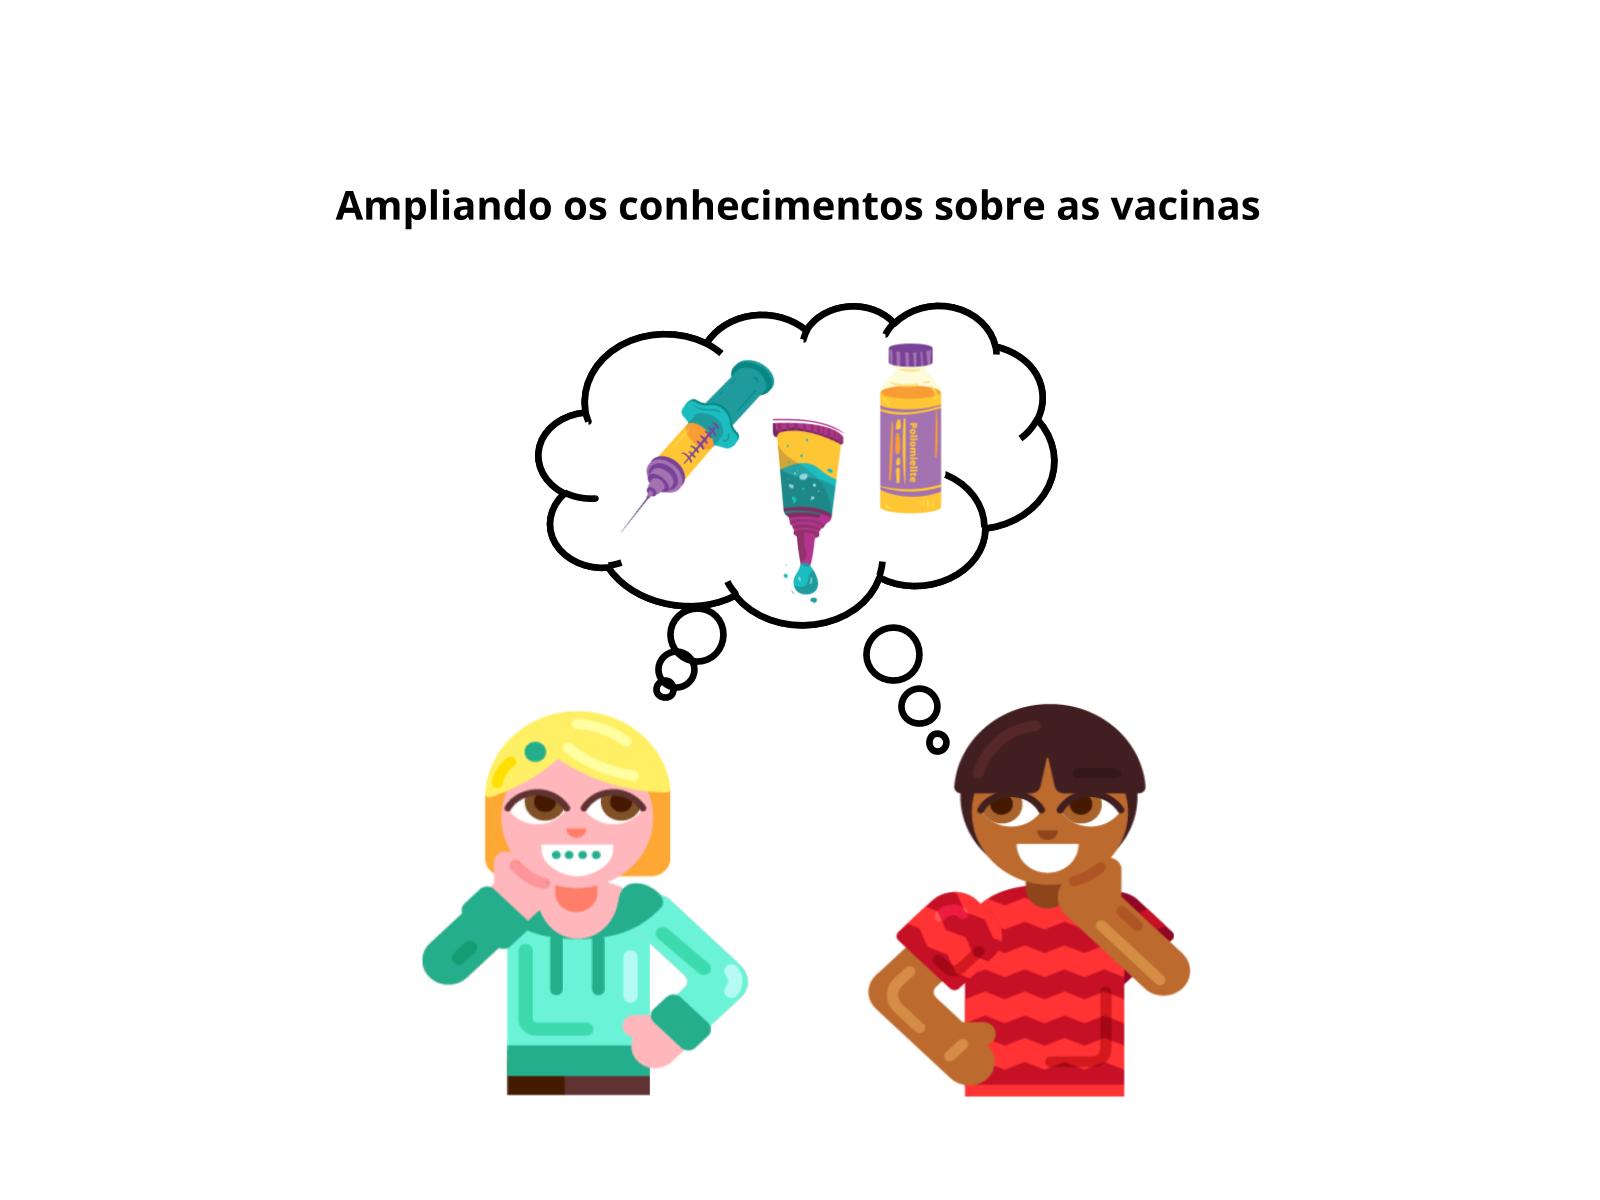 Vacinas: reforços à imunidade dos organismos